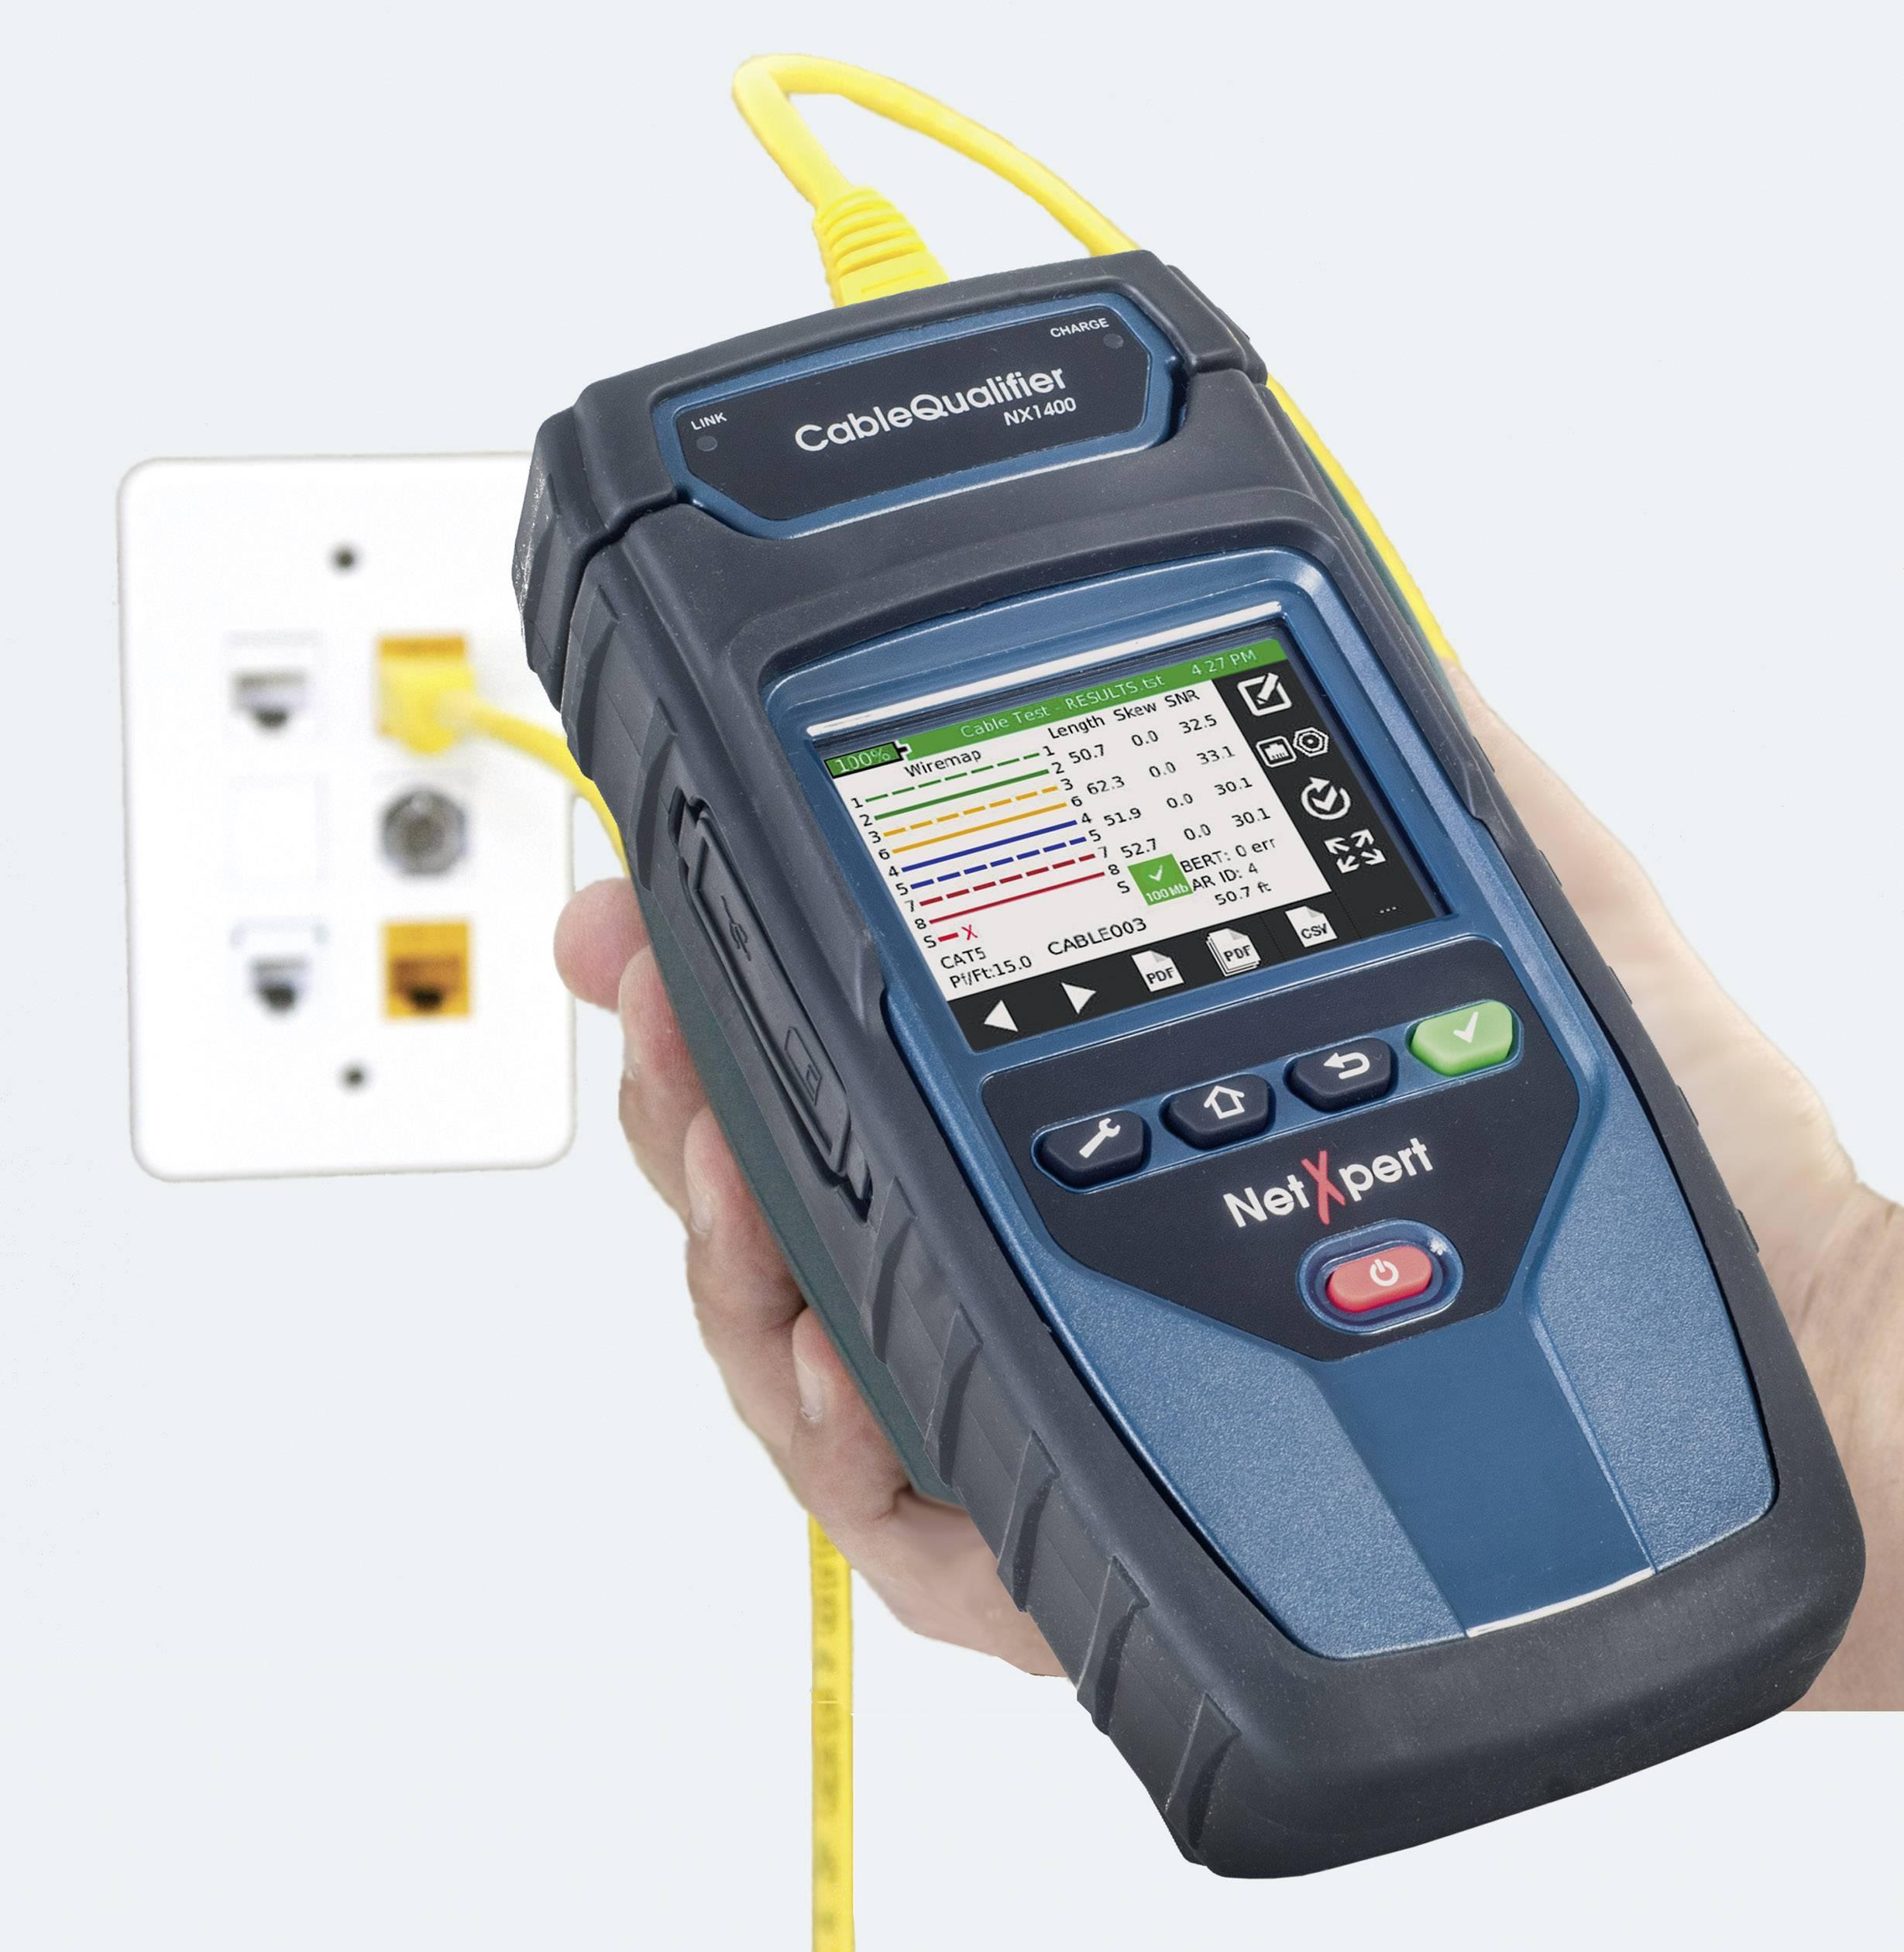 Schema Cablaggio Rete Lan : Softing qualificatore lan dispositivo di prova per cavo tester per